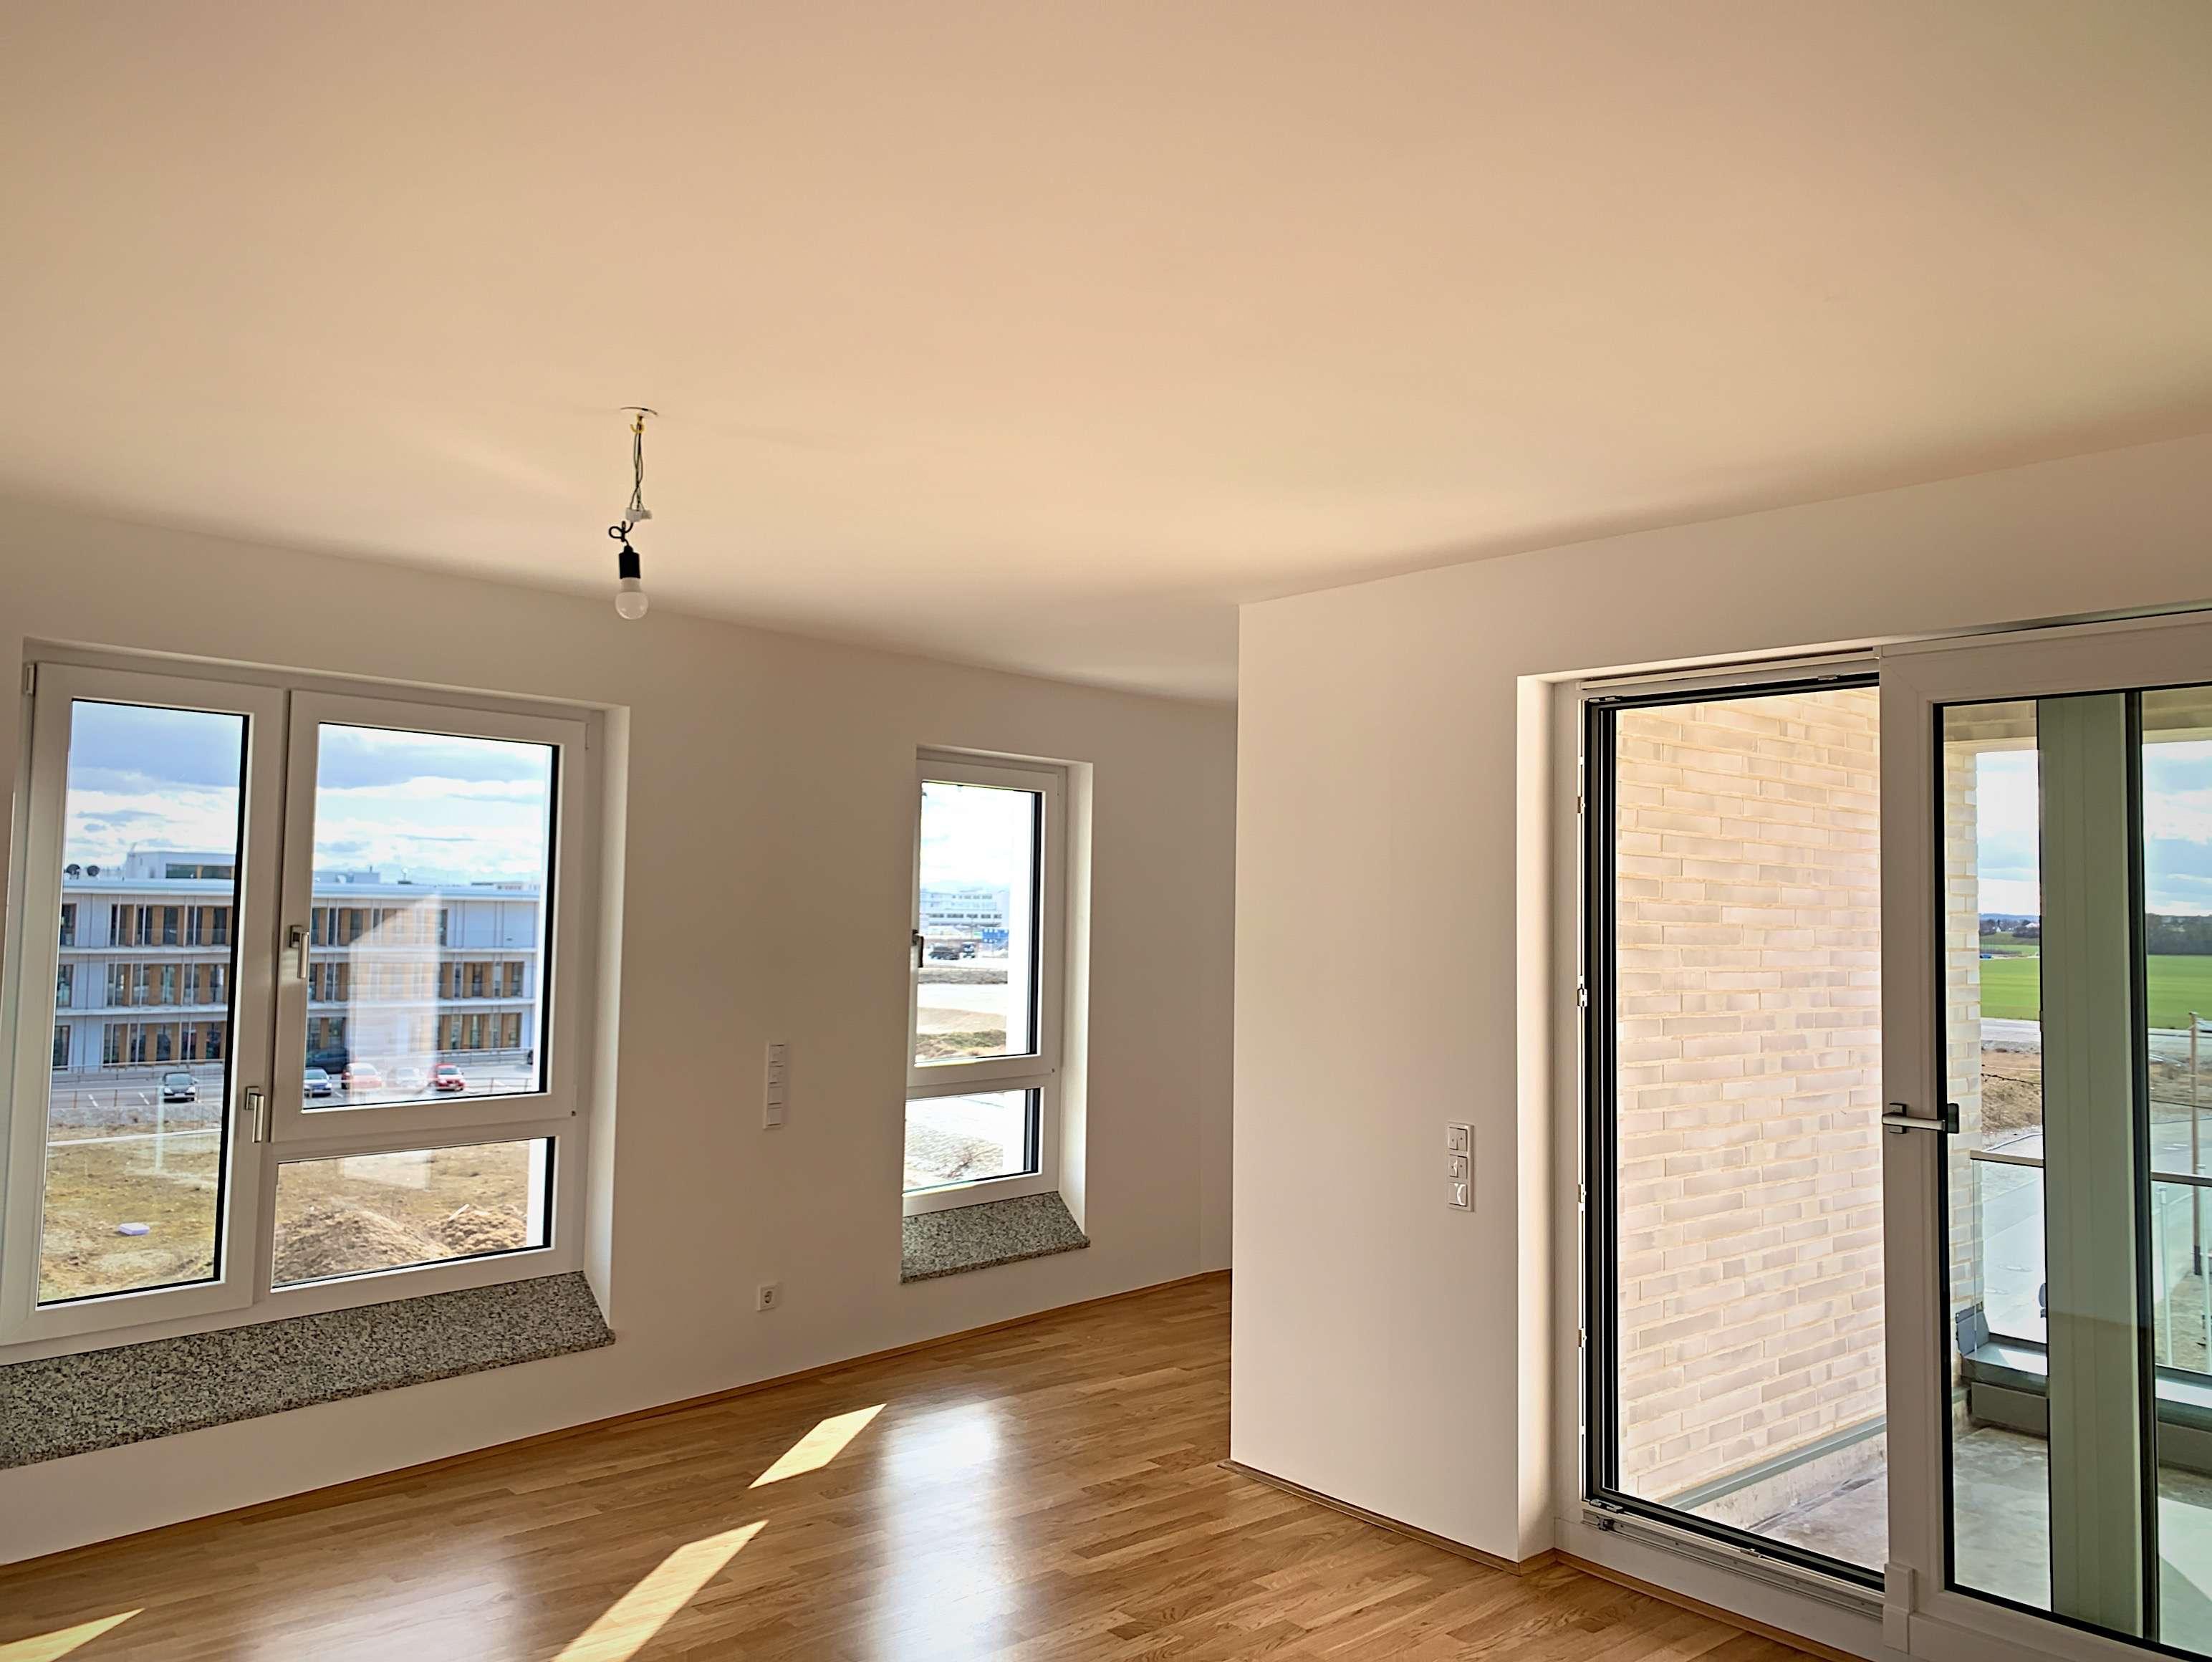 Erstbezug mit Balkon: stilvolle 3-Zimmer-Wohnung in München Aubing Freiham in Aubing (München)